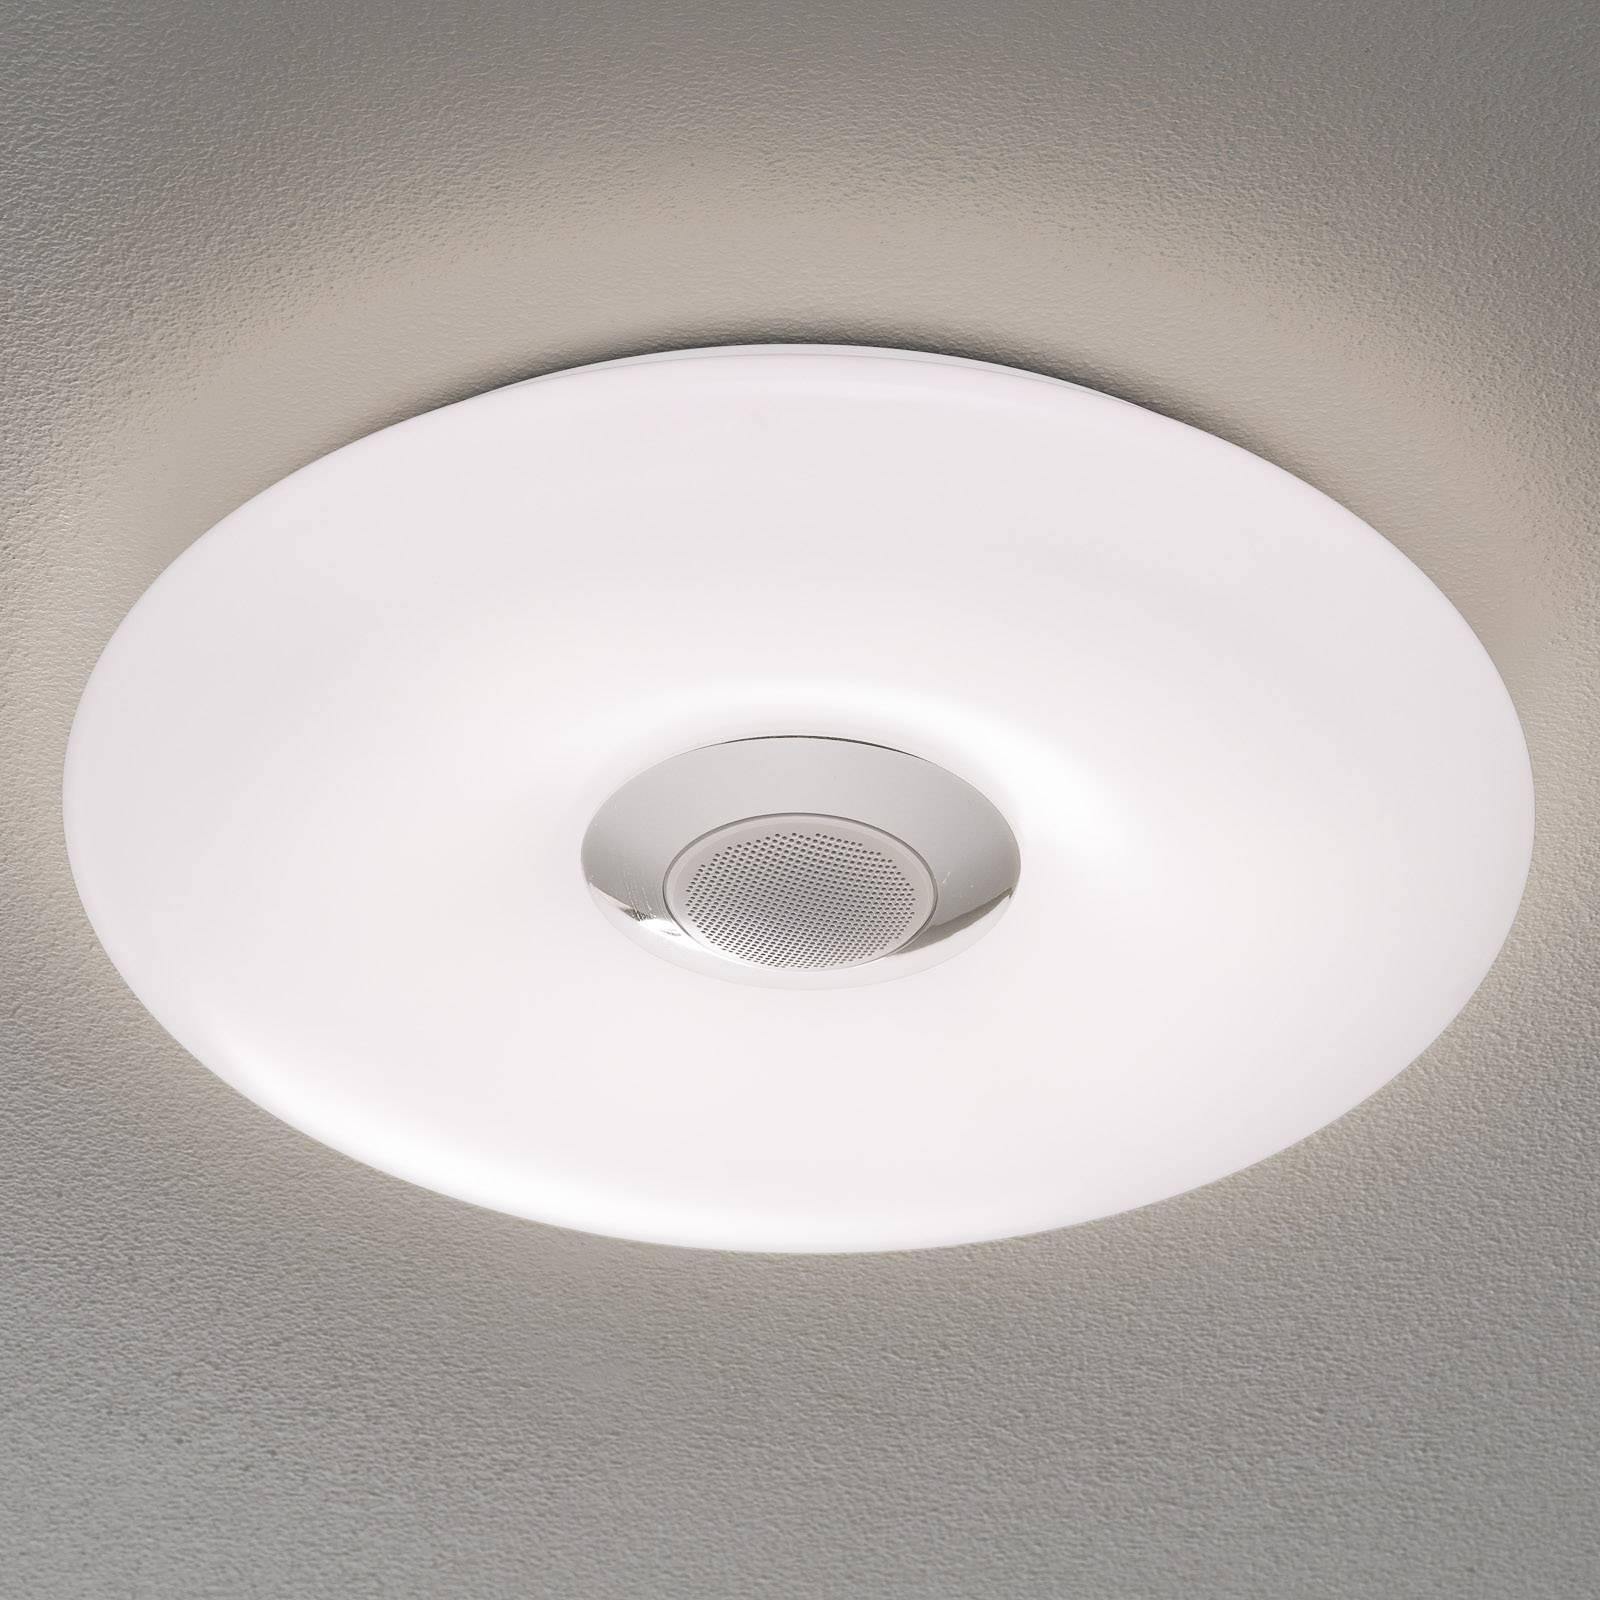 Nashville - LED plafondlamp RGBW met luidspreker